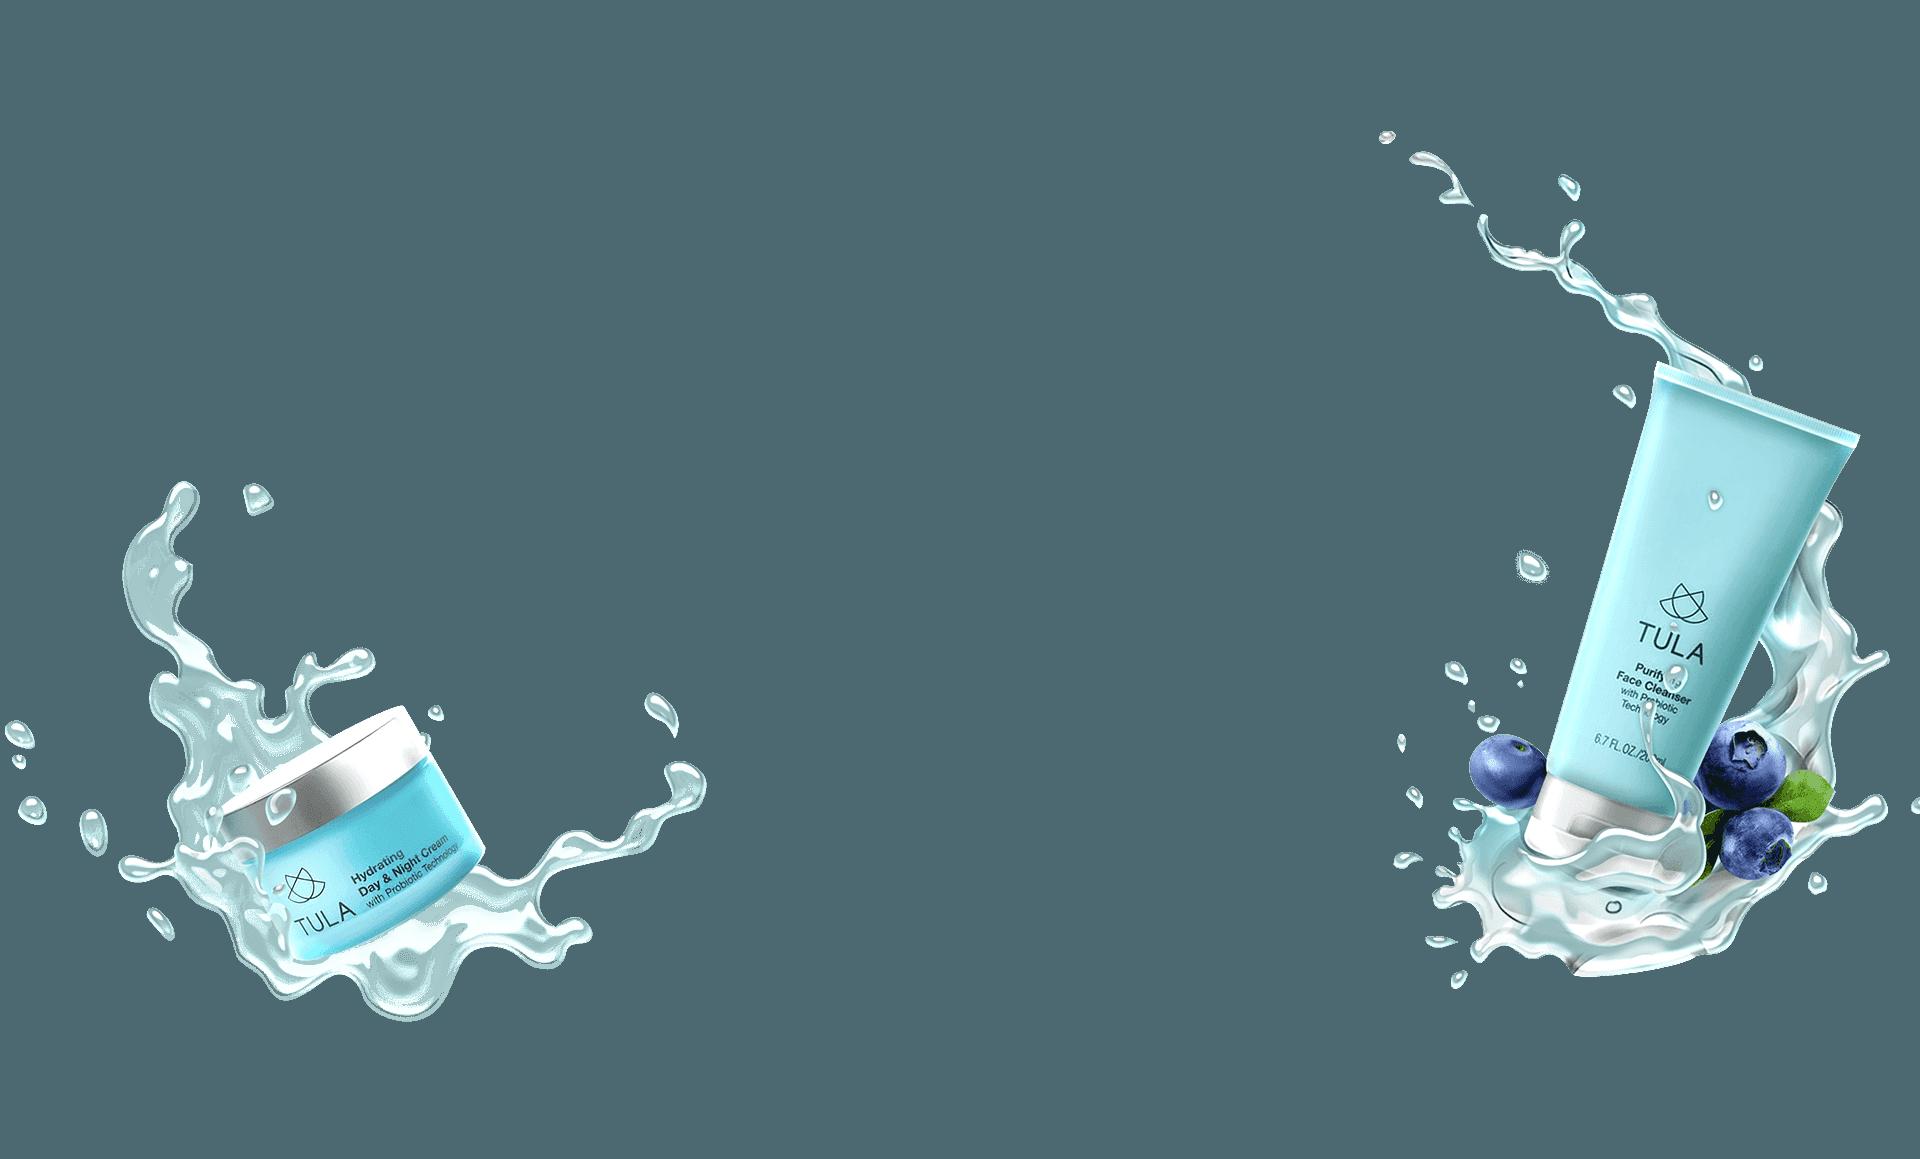 Tula Product Splashes